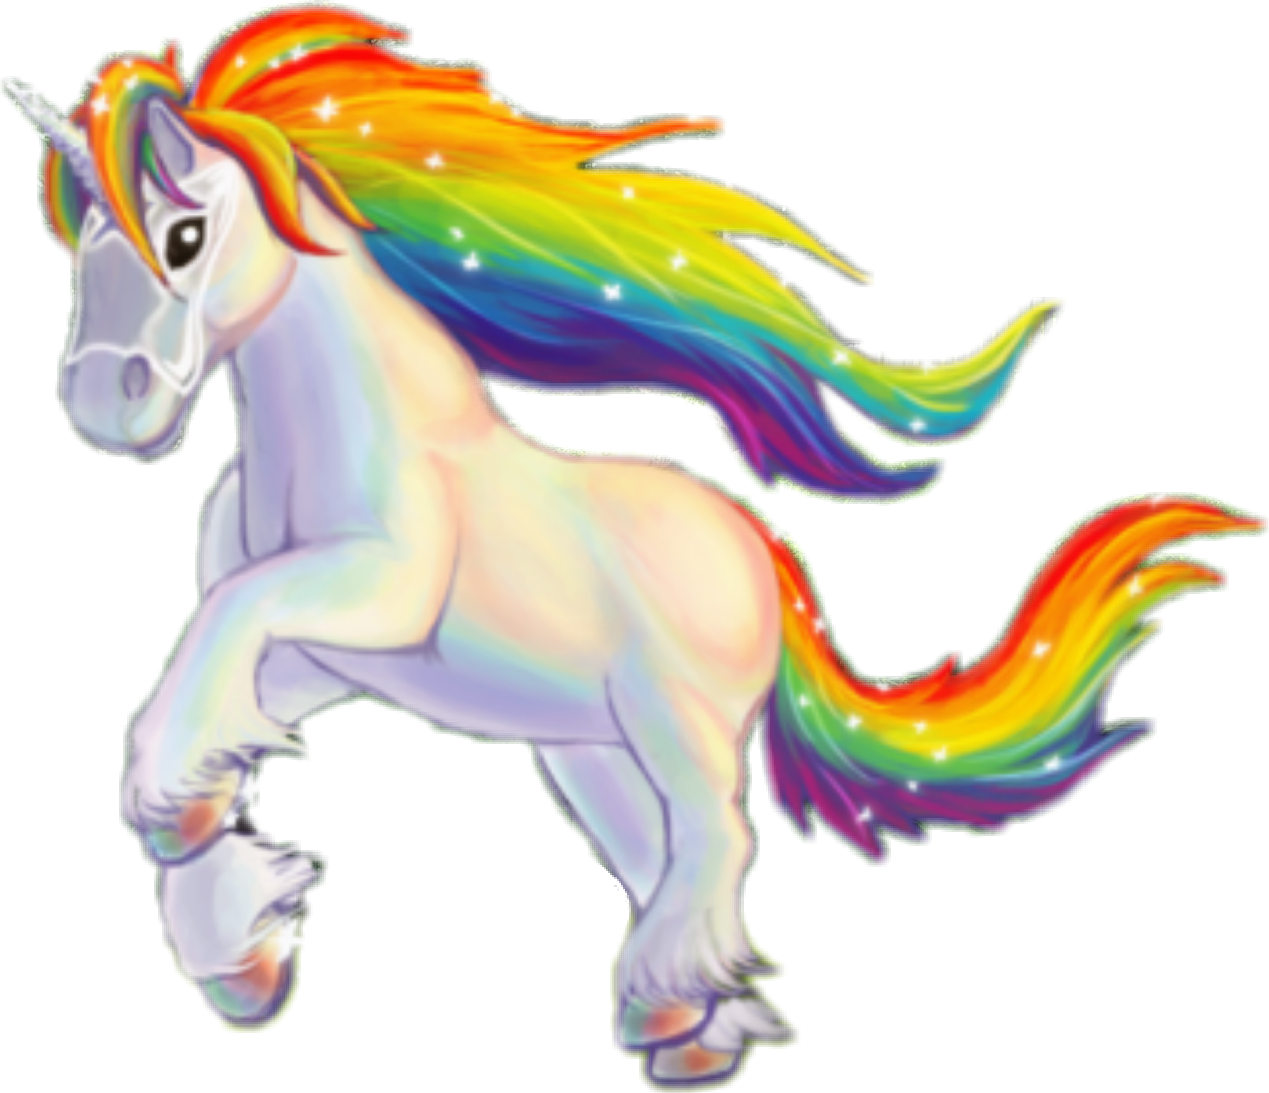 Rainbow color clip art. Clipart unicorn mythical creature